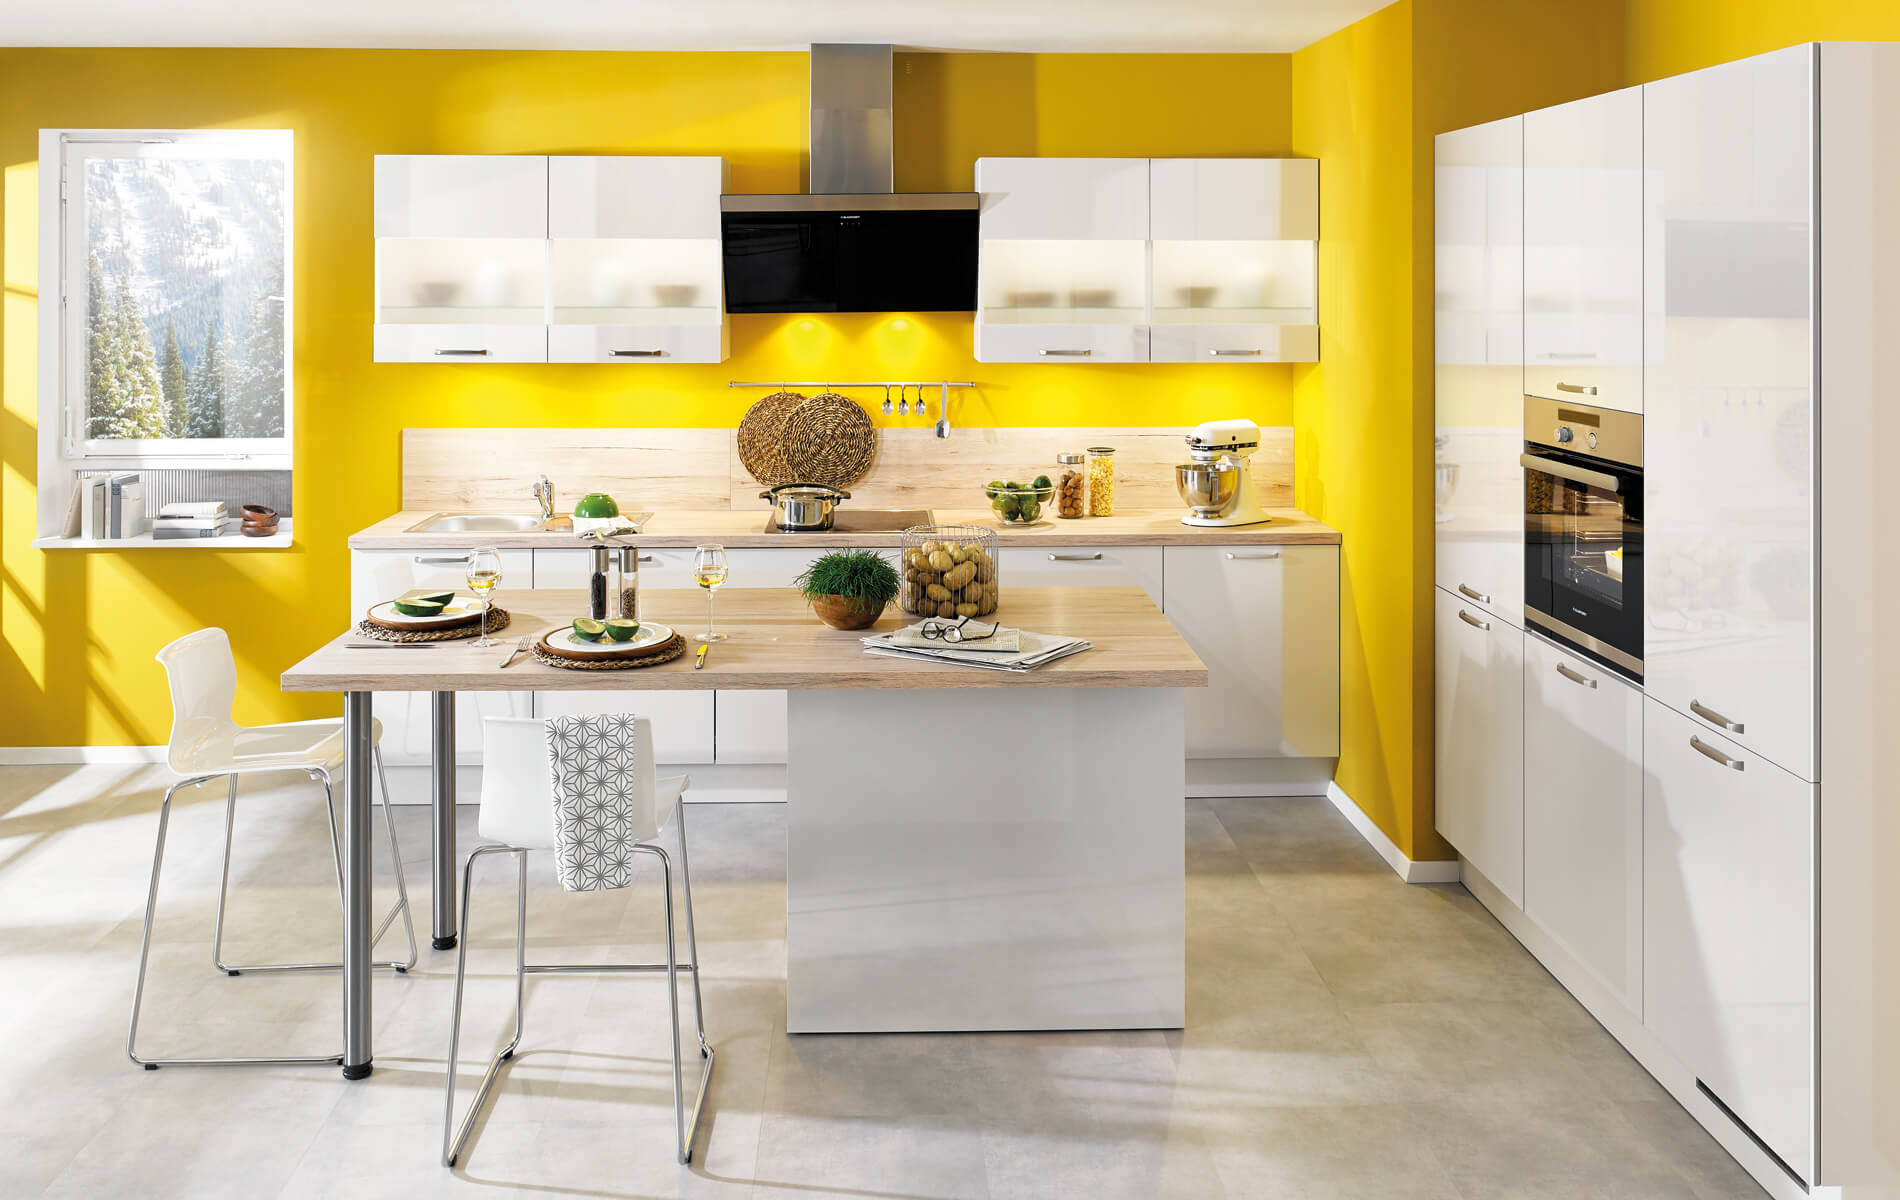 Cho thuê căn hộ Kingdom 101 - Phòng bếp